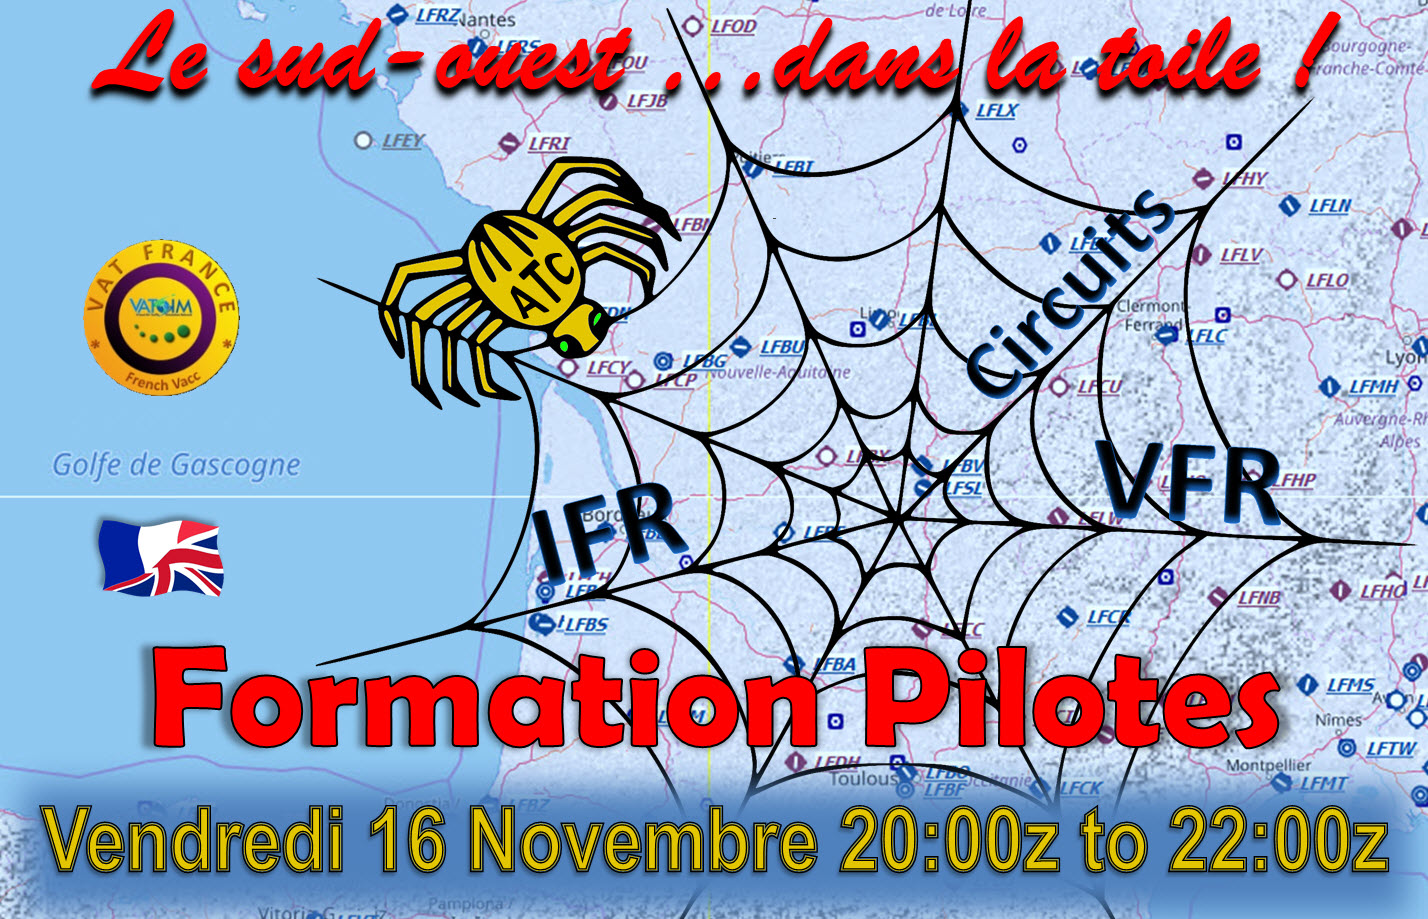 https://trello-attachments.s3.amazonaws.com/51687dbe7892dd9c65001013/5be006480180f4674db4fa05/2601f12069de221c0f7c3a25b7d316e8/Formation_Pilotes_Sud_Ouest.jpg